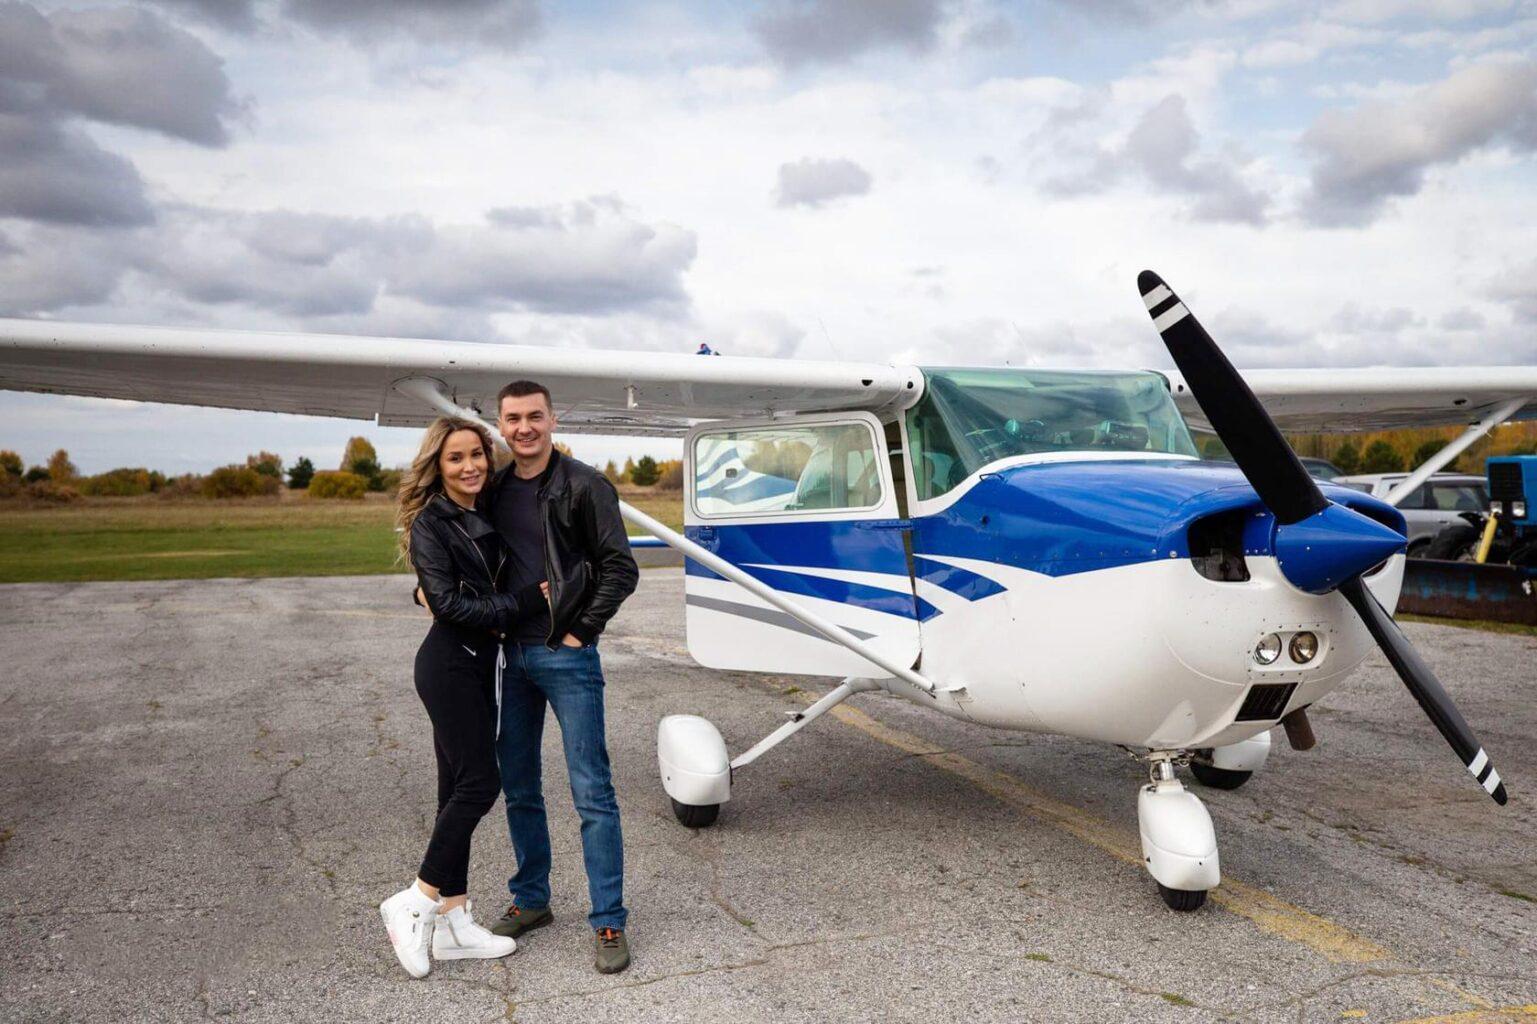 """Фотография с самолетом Cessna 172 перед полетом от компании """"Captour"""""""